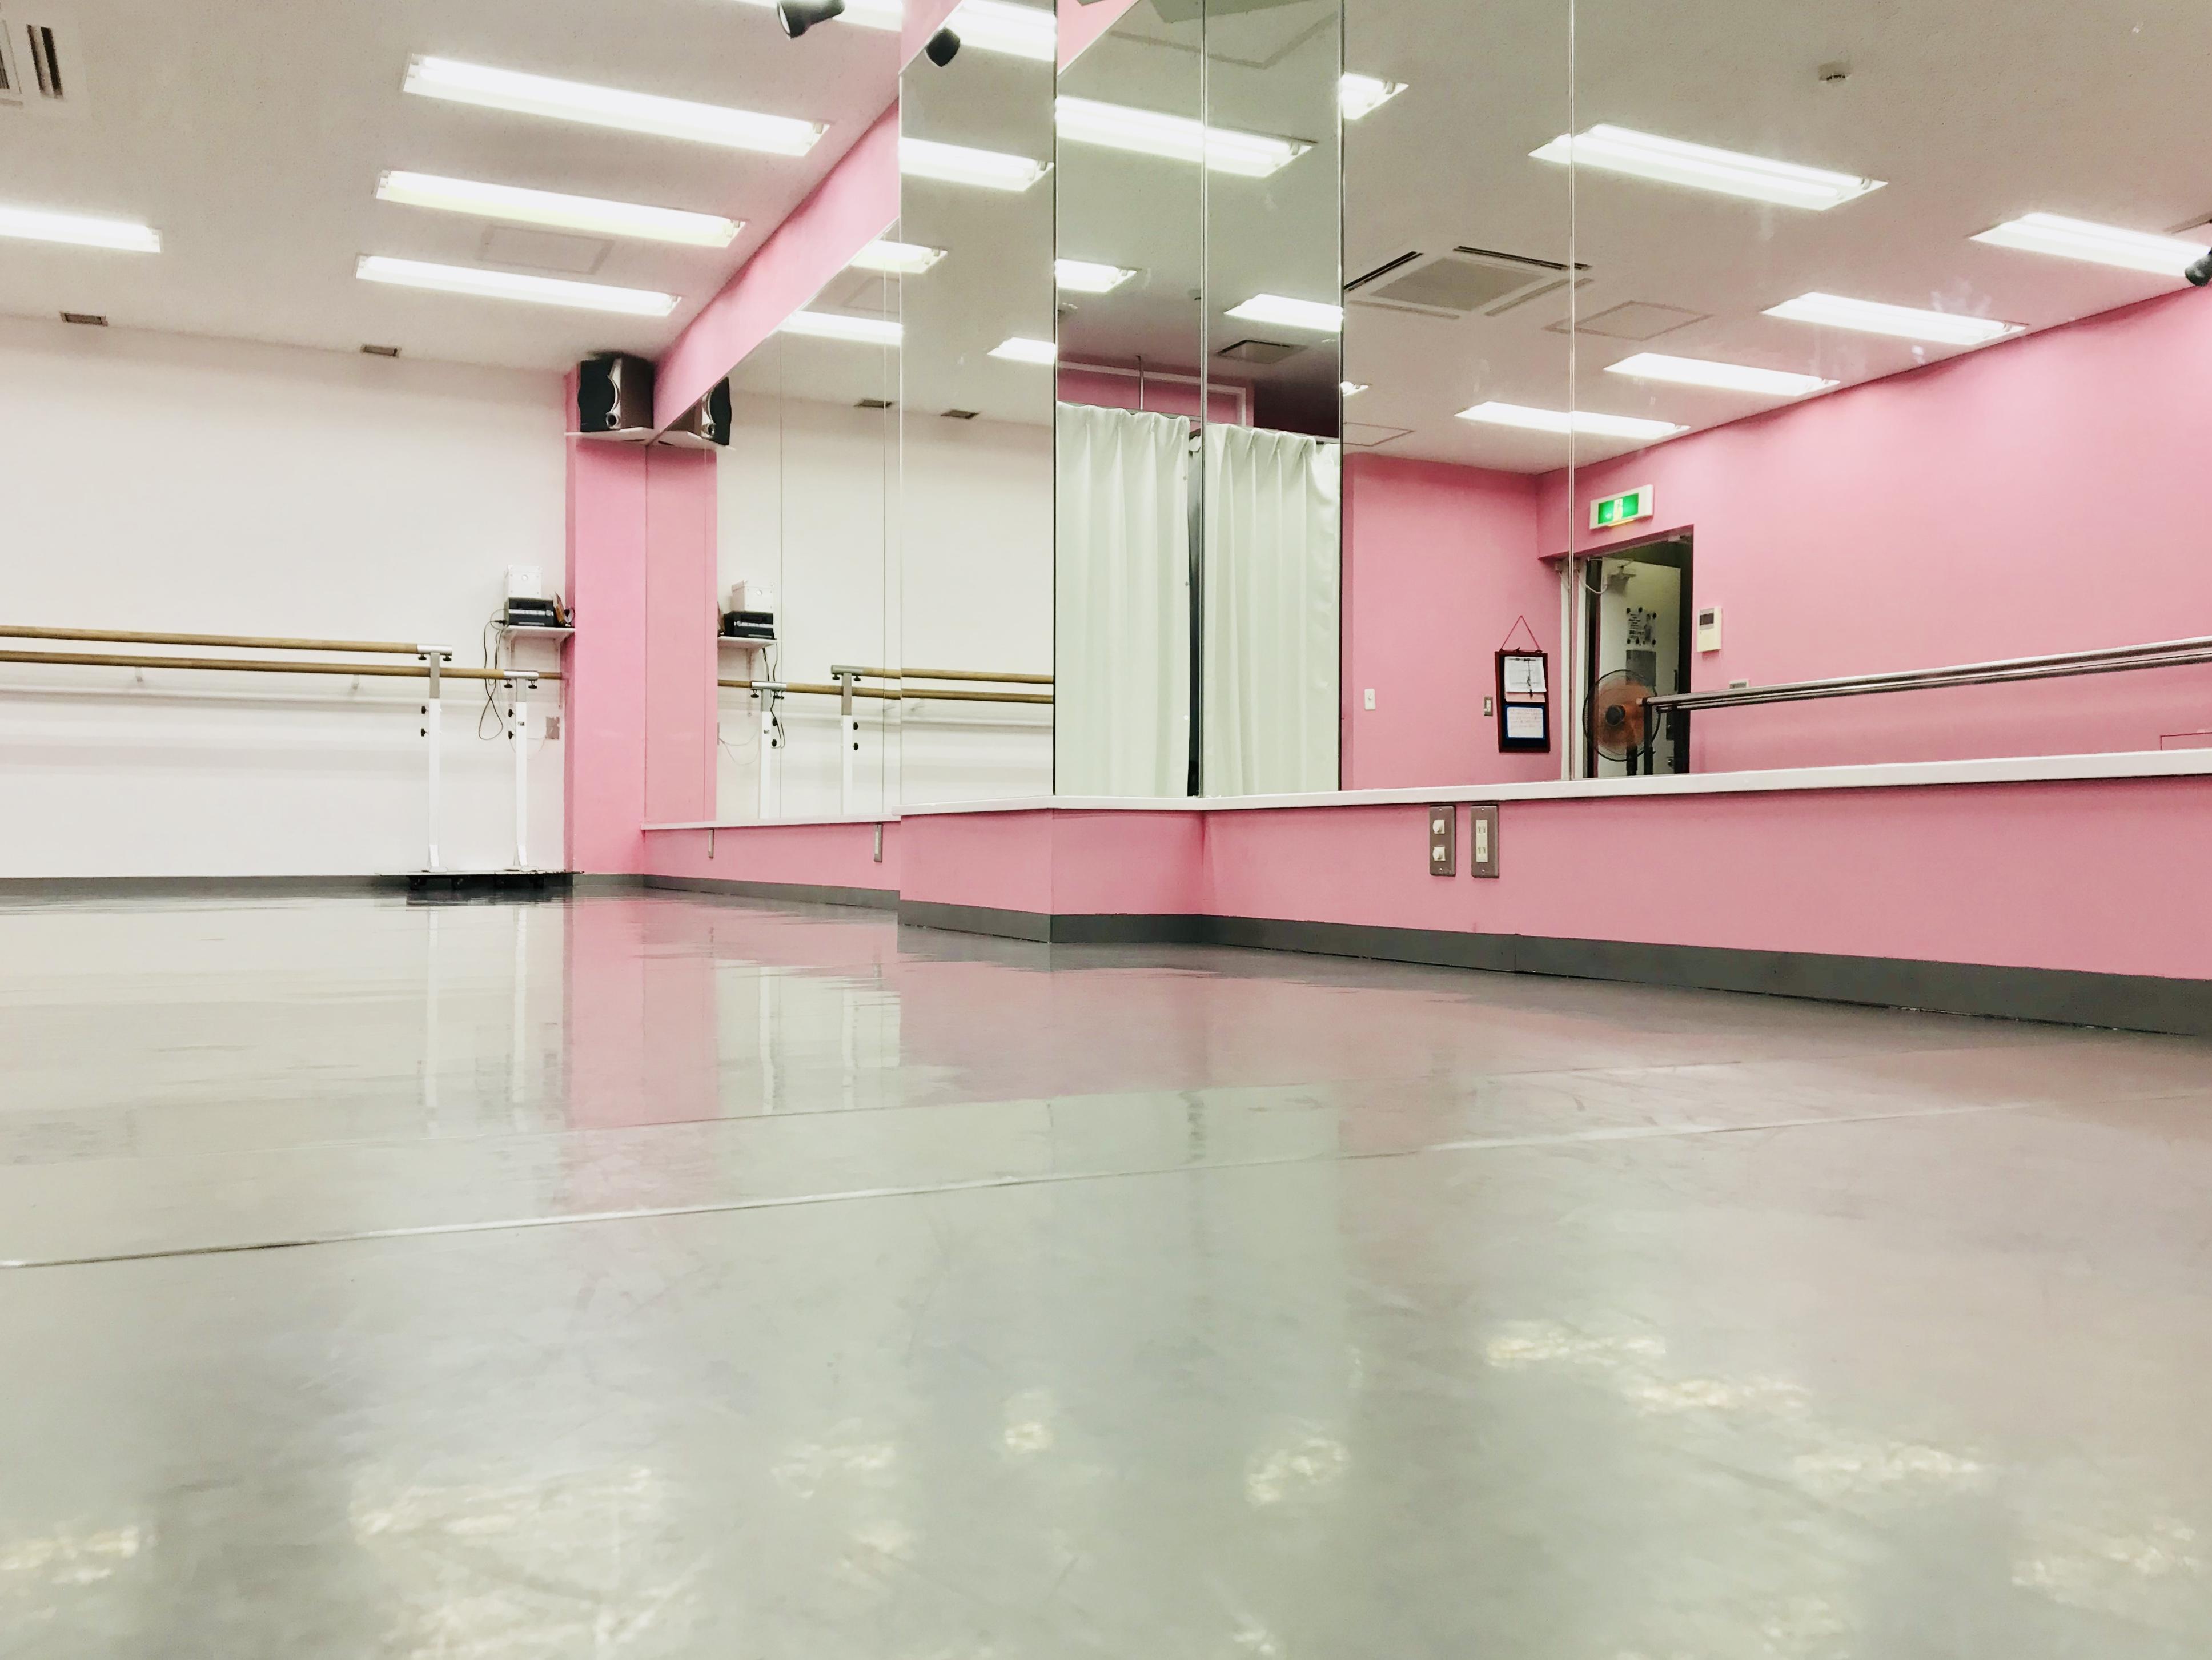 千代田区 秋葉原の貸しレンタルダンススタジオ ブルーハススタジオ 鏡3